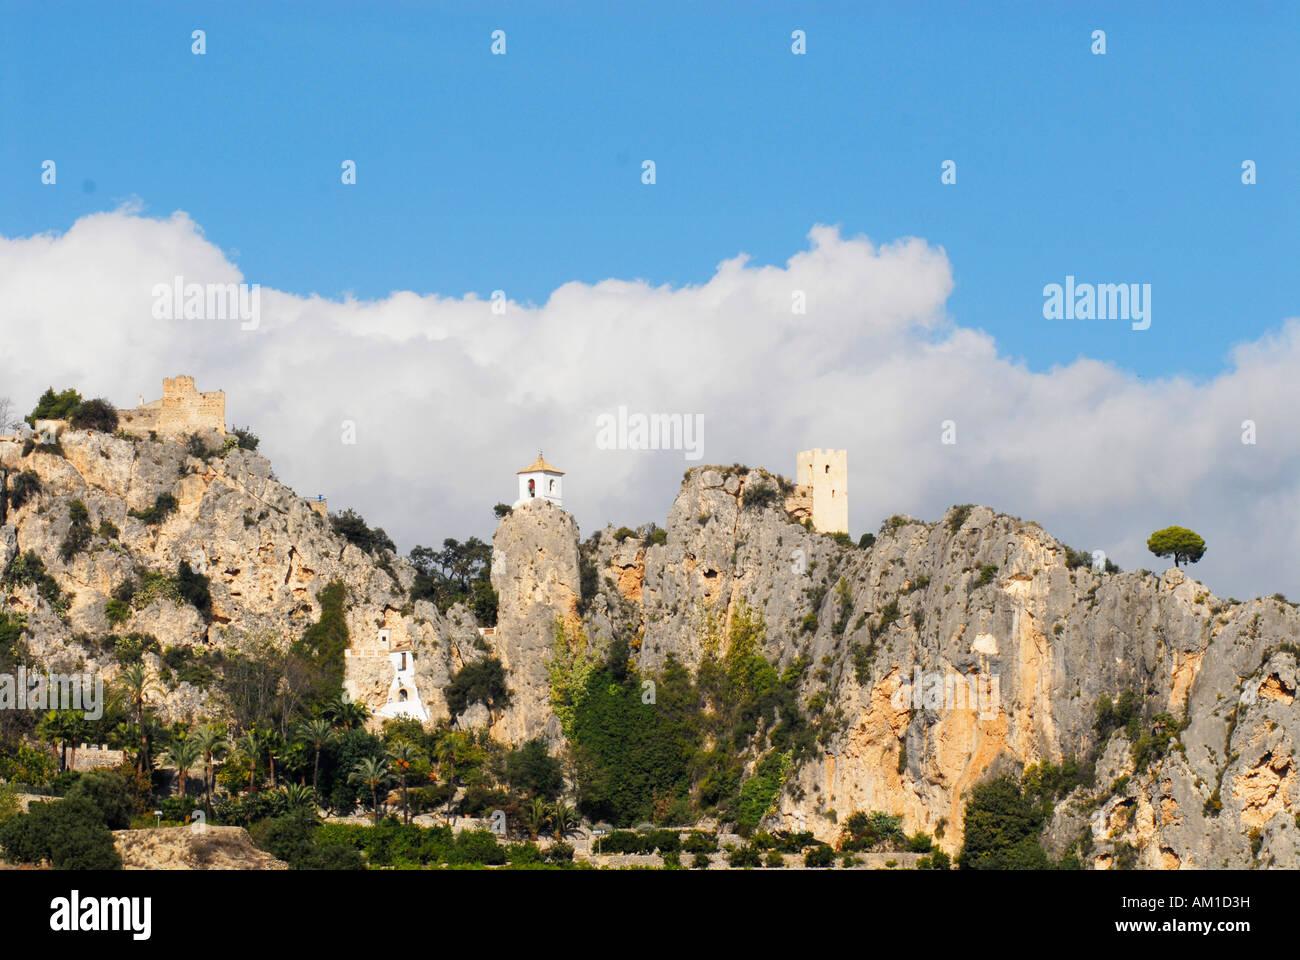 El castell de guadalest alicante spain stock photo - Stock uno alicante ...